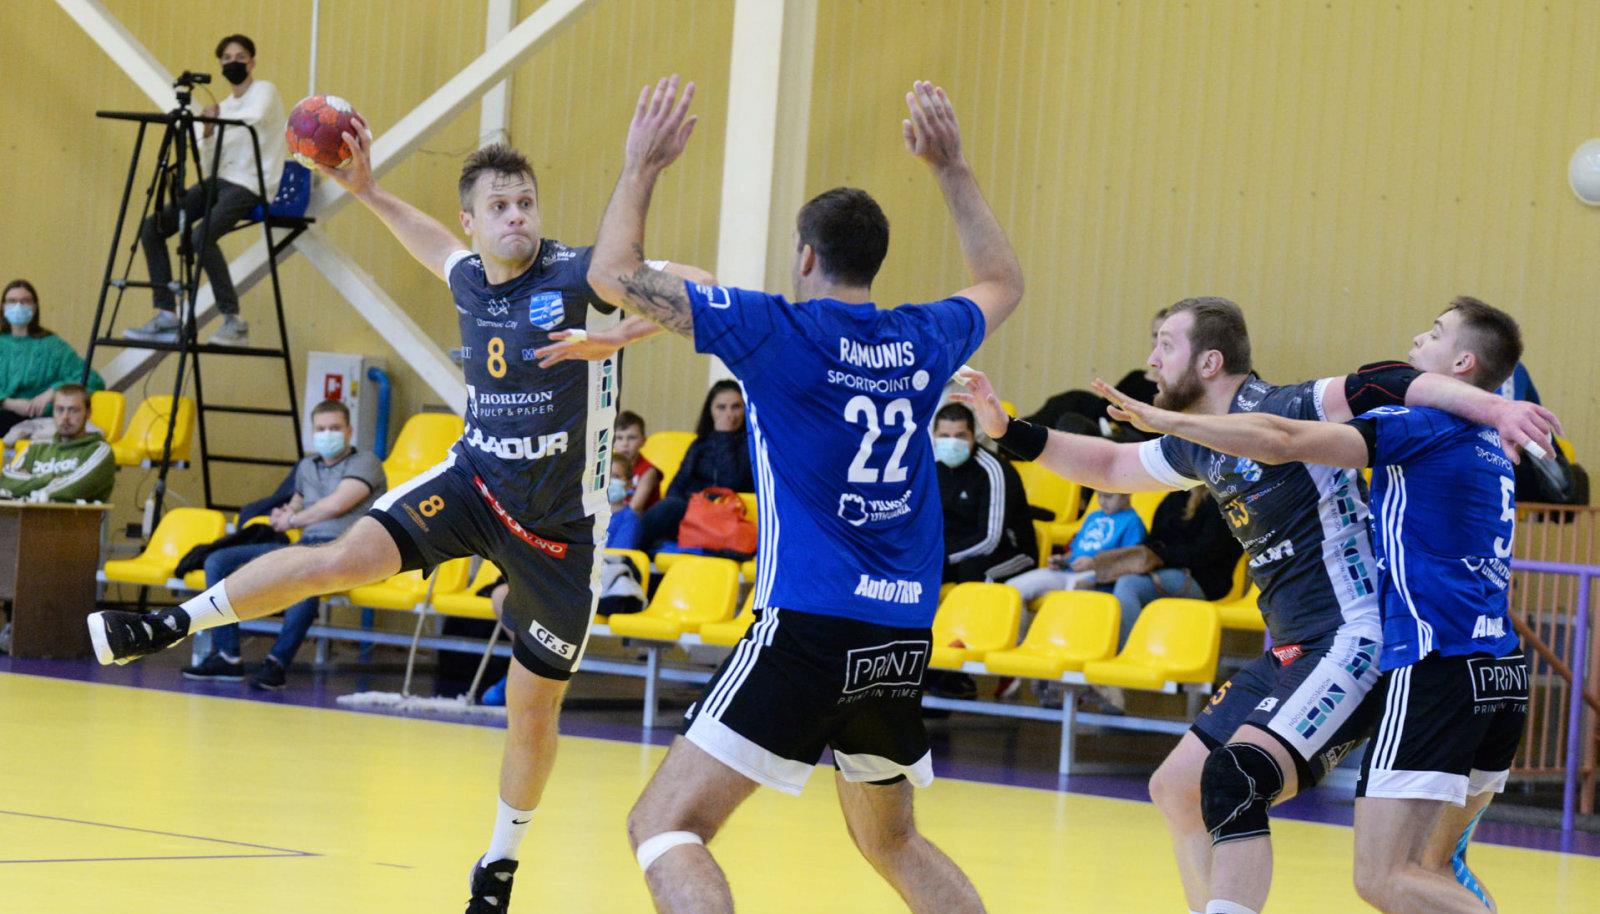 Balti liigas on Kehral seni kaks võitu ja kolm kaotust. Leedu meistri Šviesa vastu on viskel Indrek Normak.